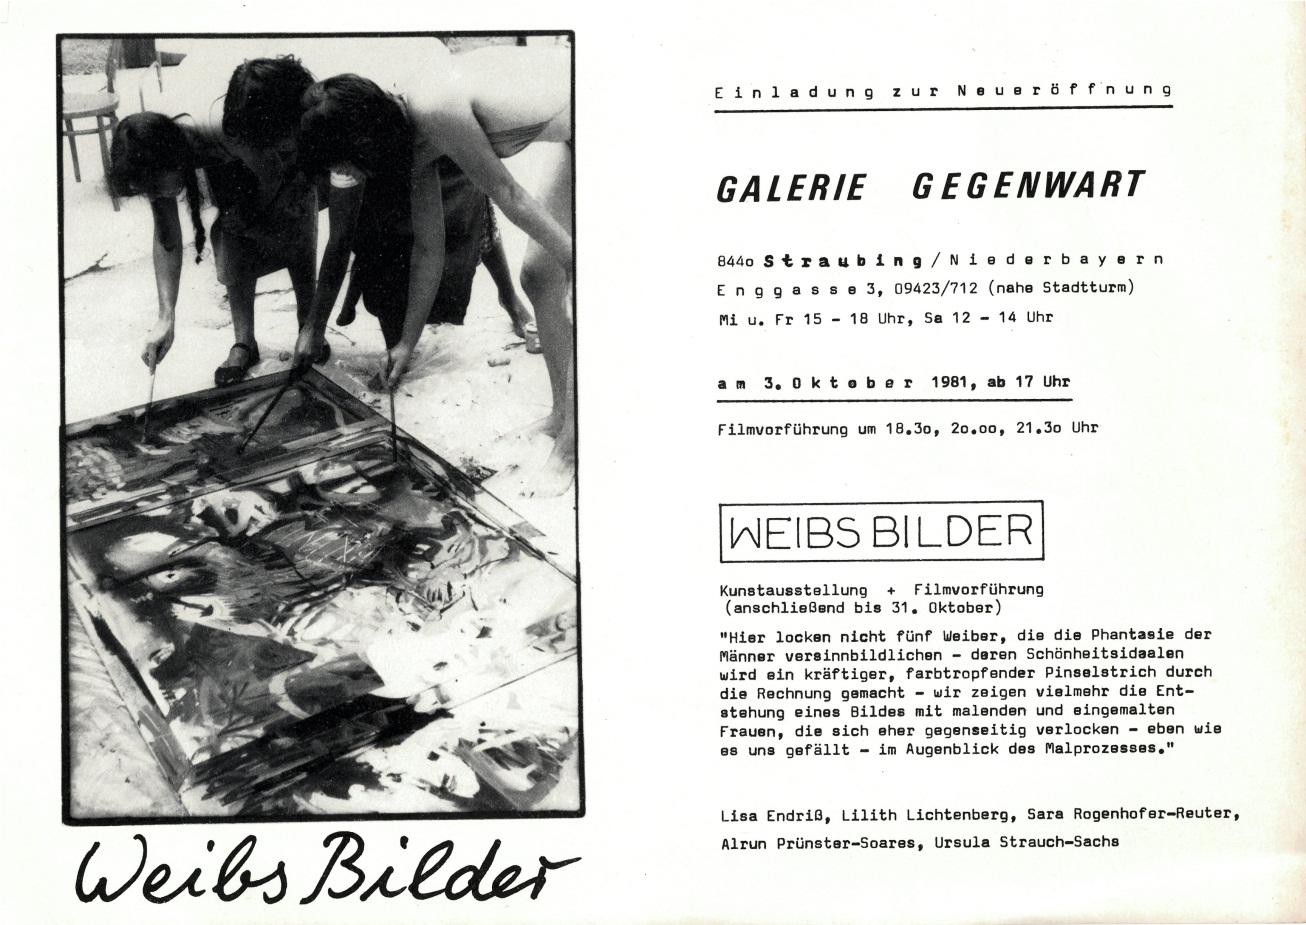 Galerie-Gegenwart-1981-1989_img_1